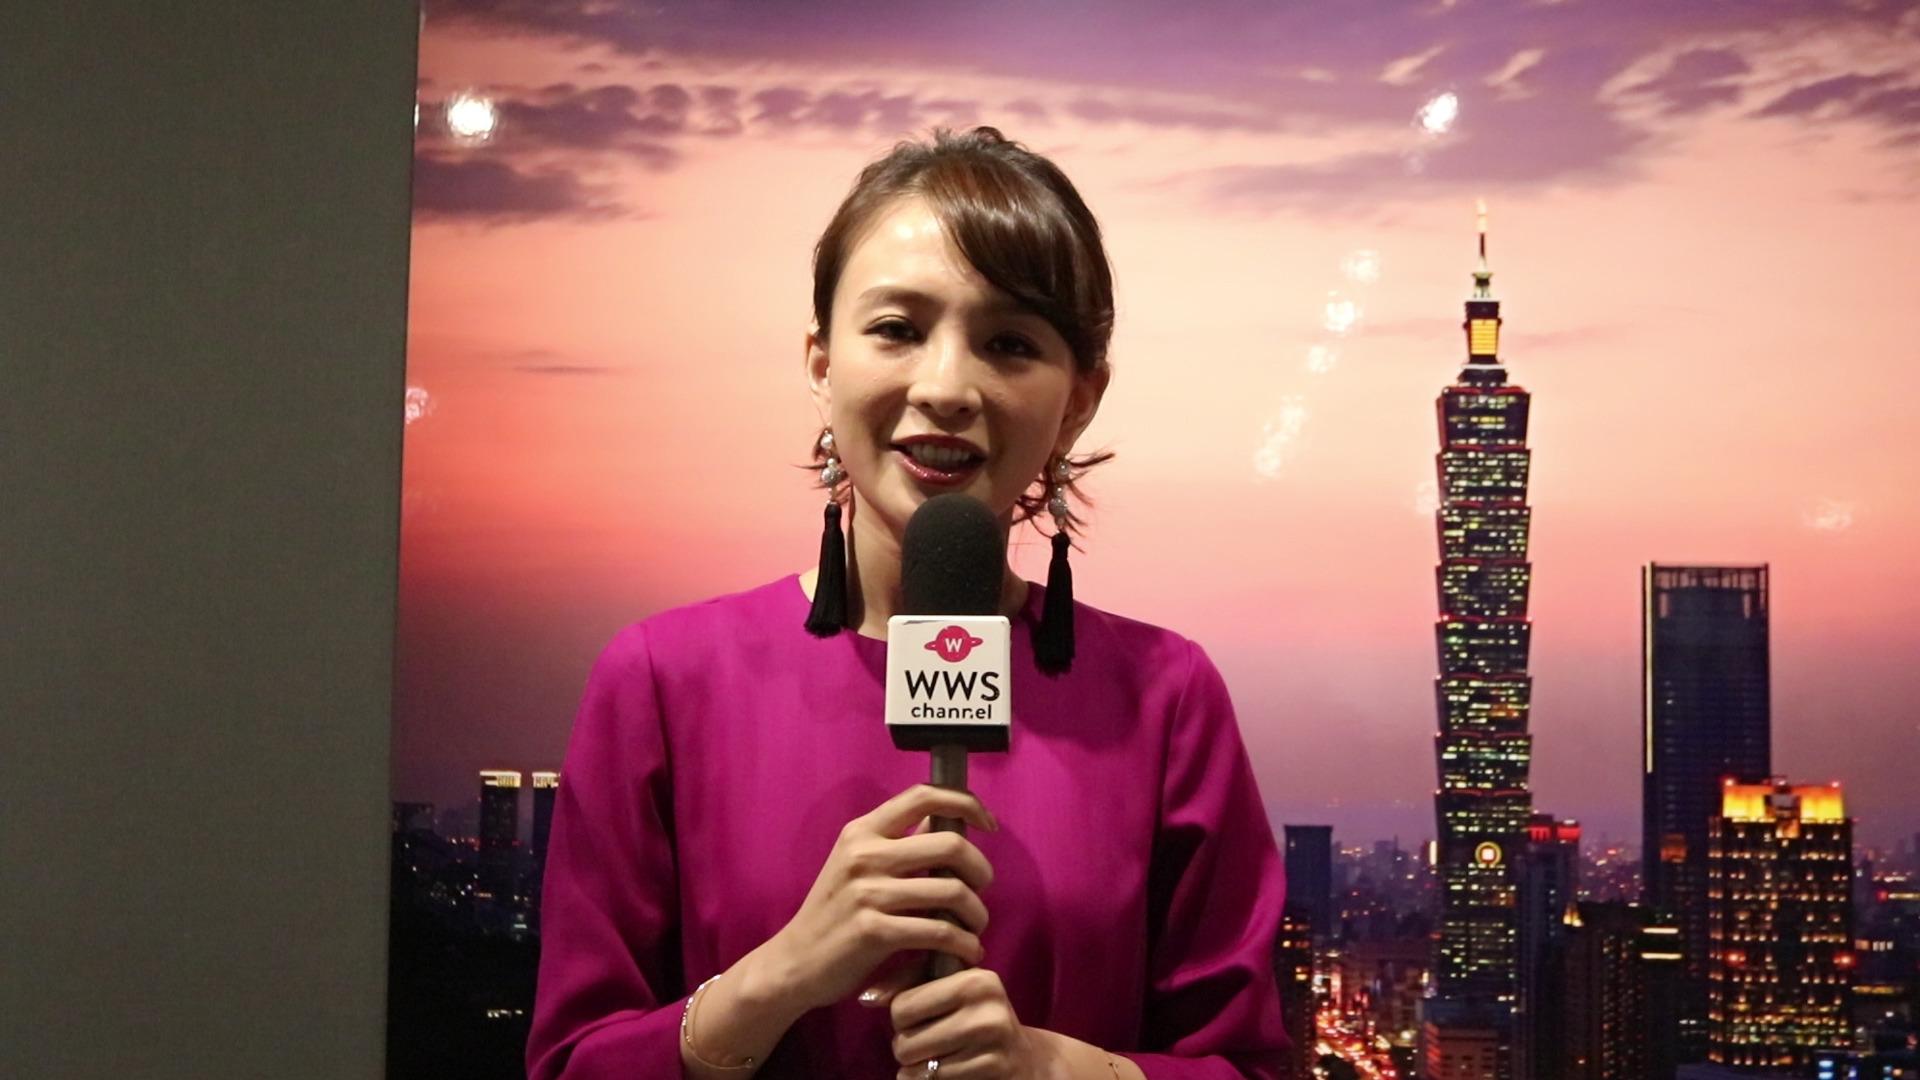 舞川あいくにインタビュー!「台湾の魅力を感じて好きになって欲しい」